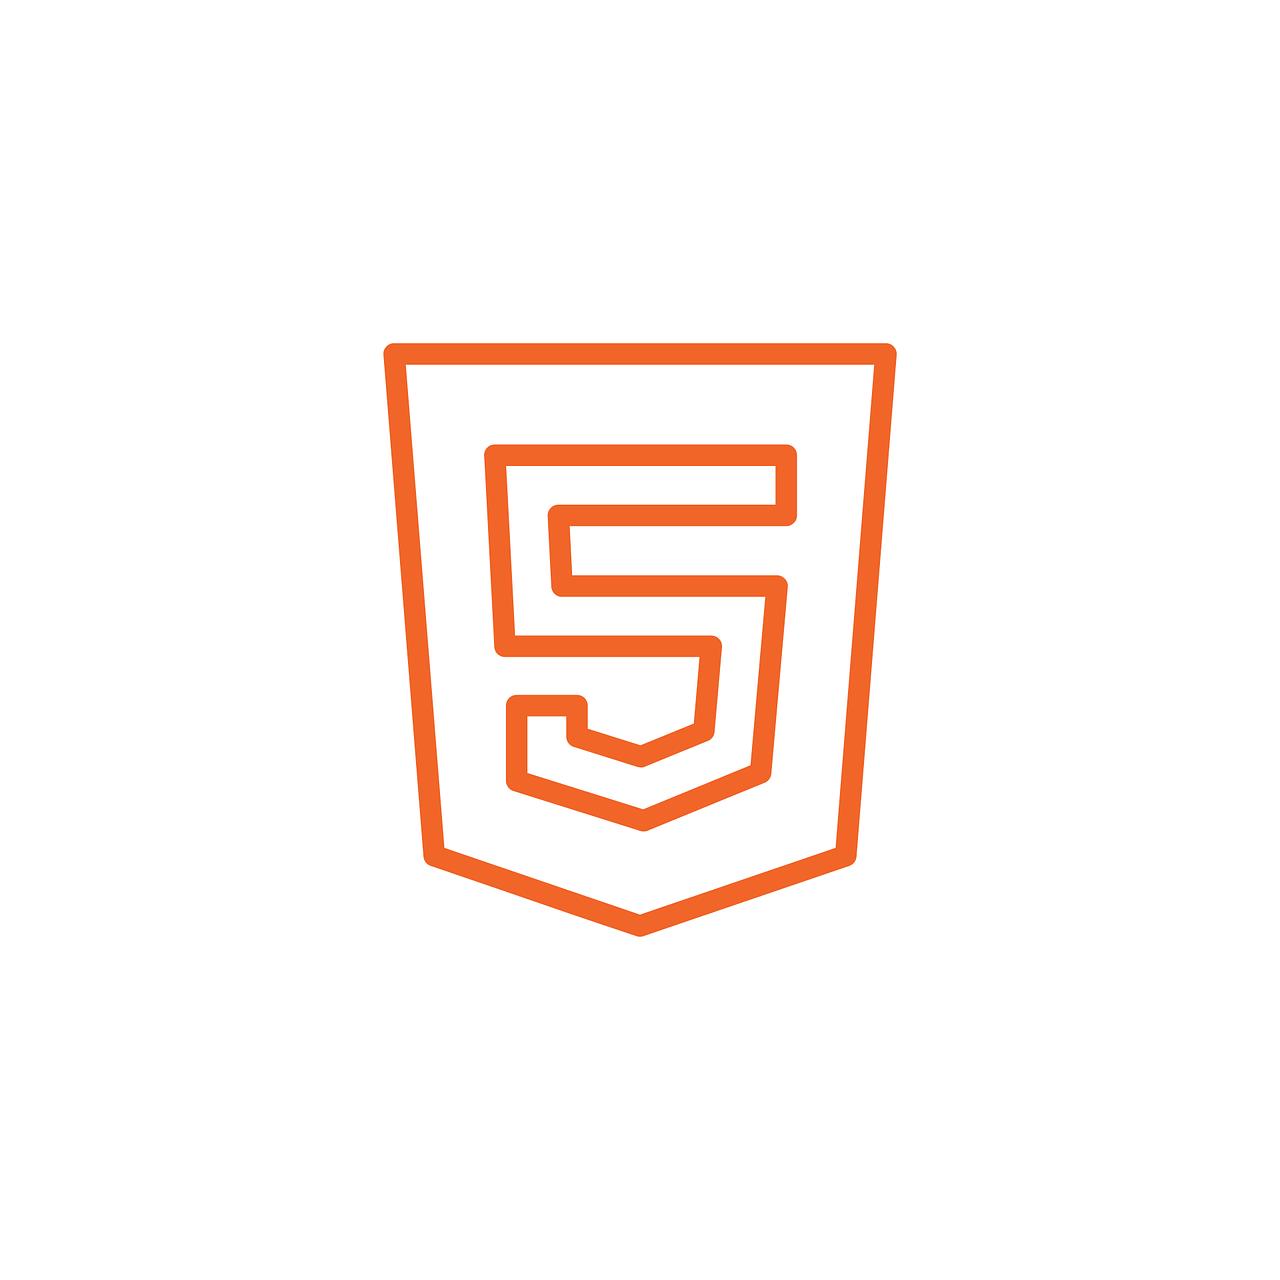 轉職前端工程師的 HTML5 入門課程(五)-7個內容模組Content Models簡介